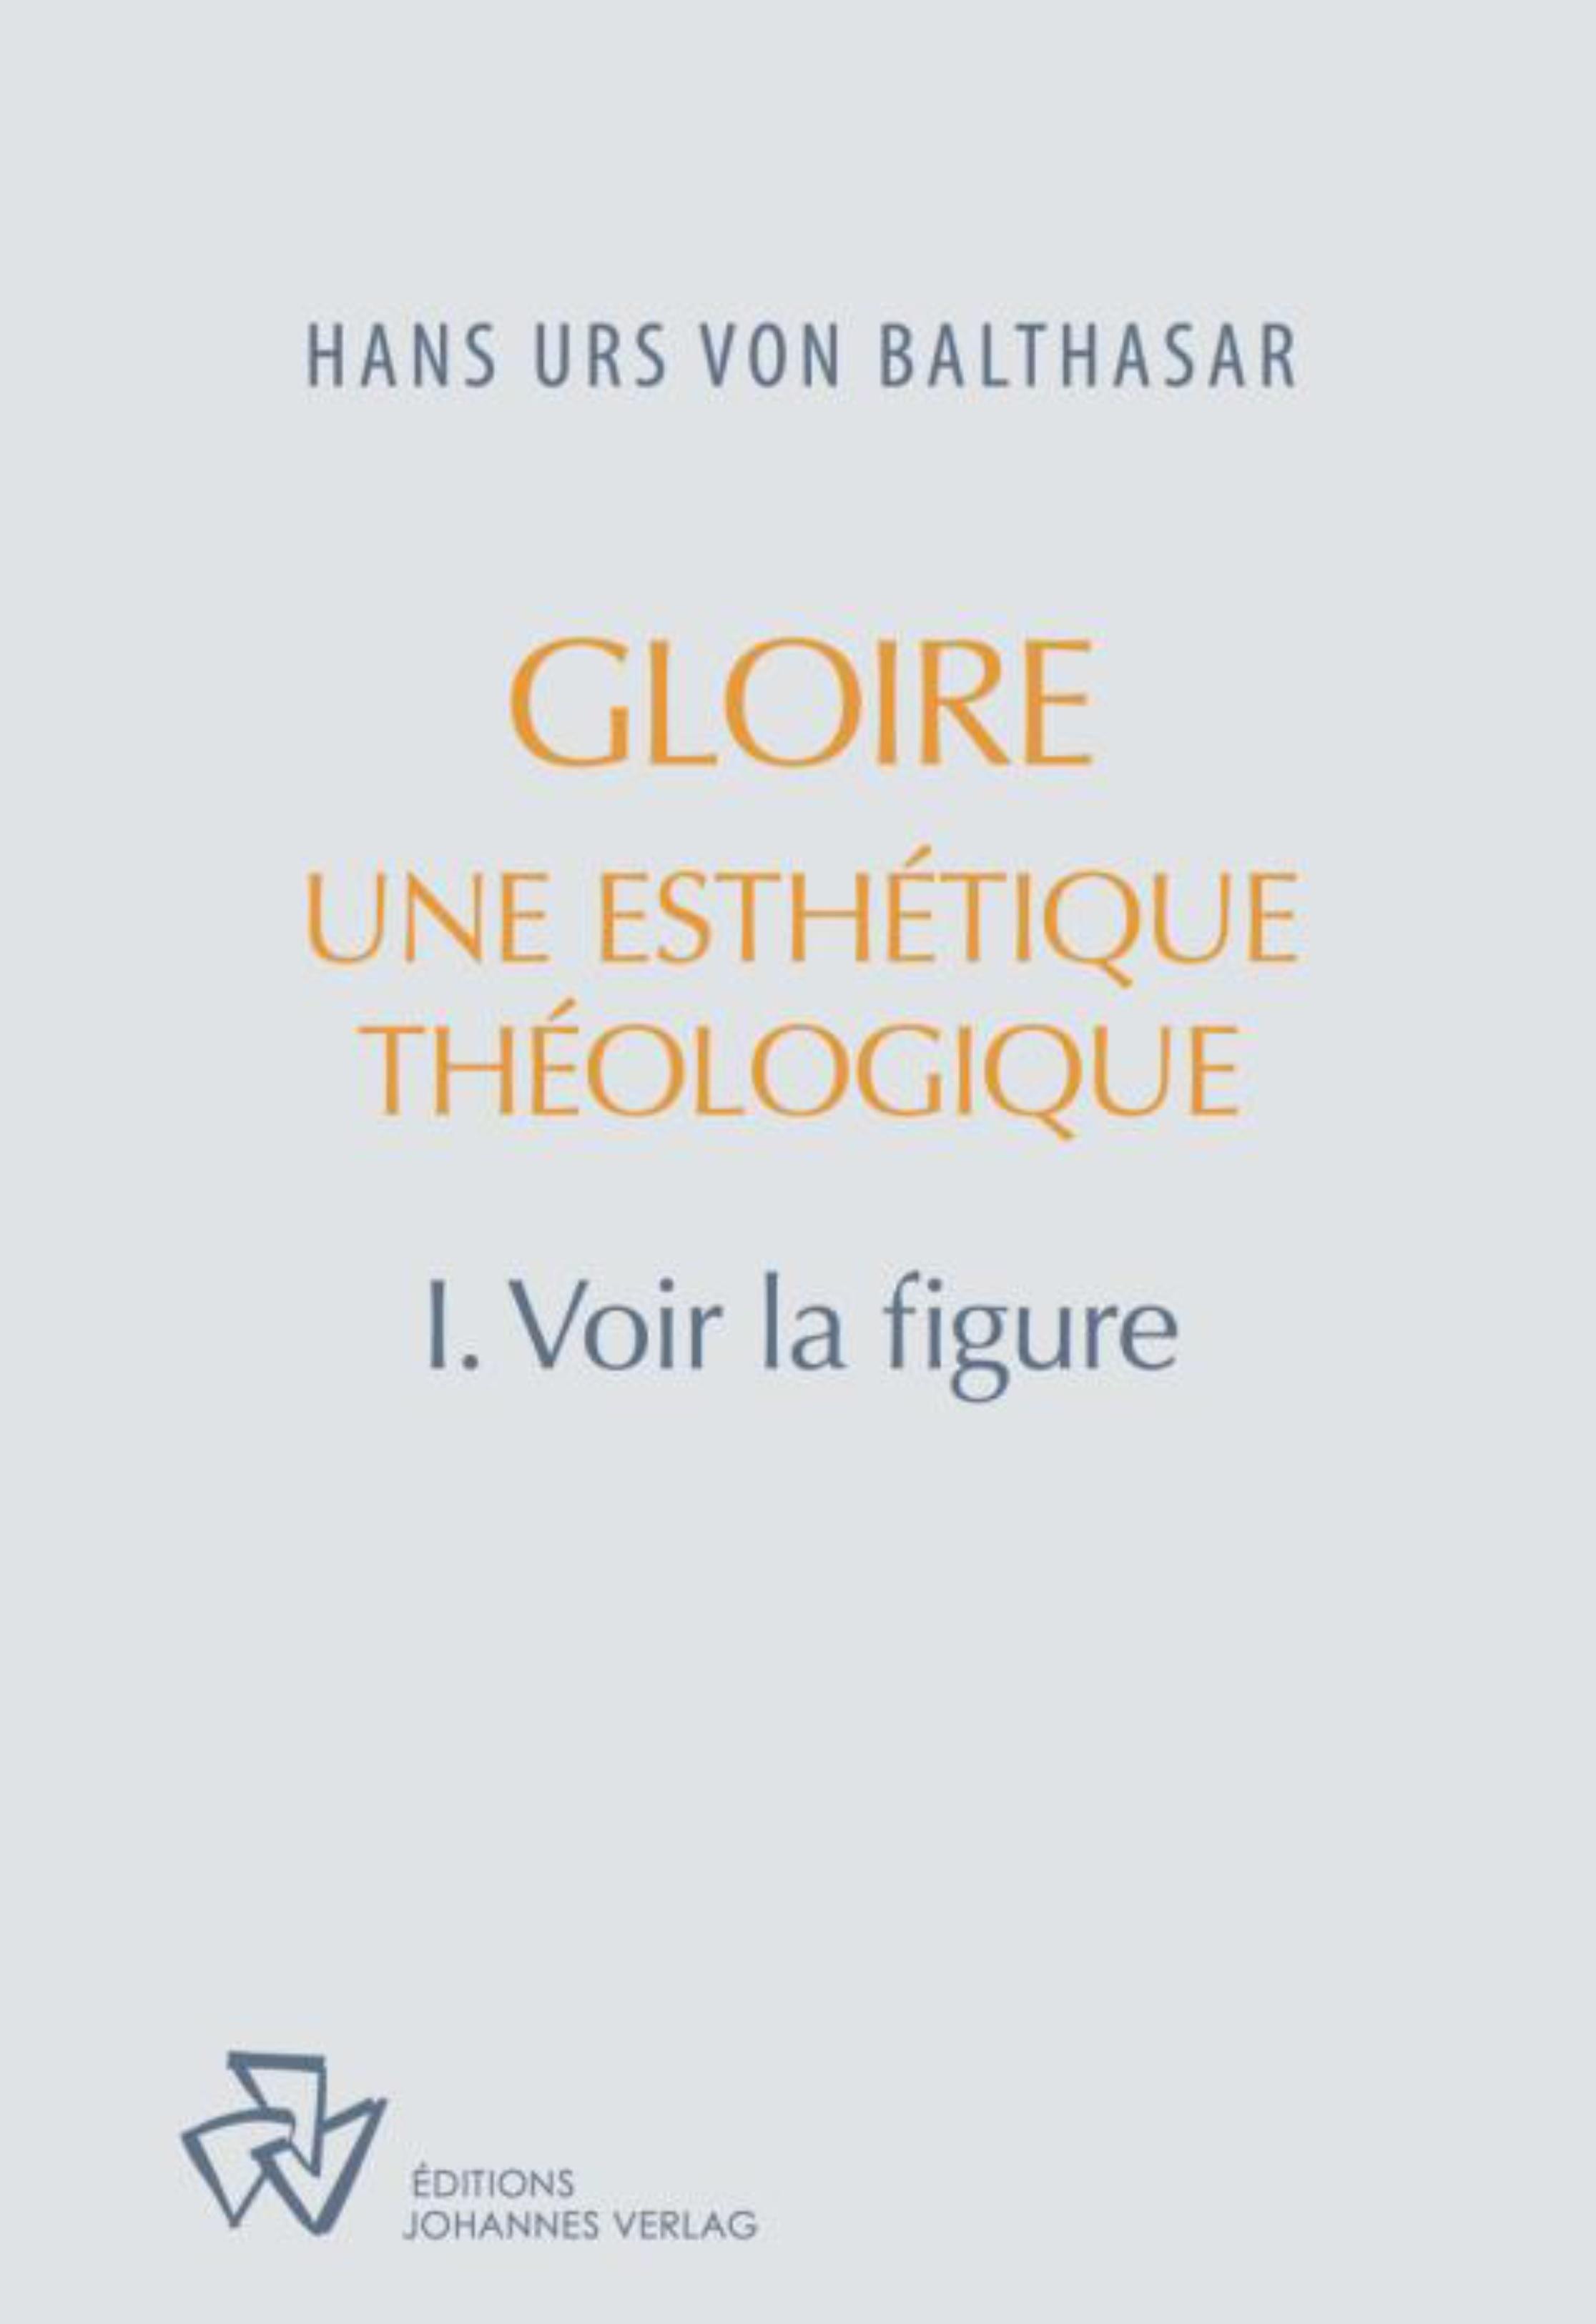 GLOIRE, UNE ESTHETIQUE THEOLOGIQUE TOME 1